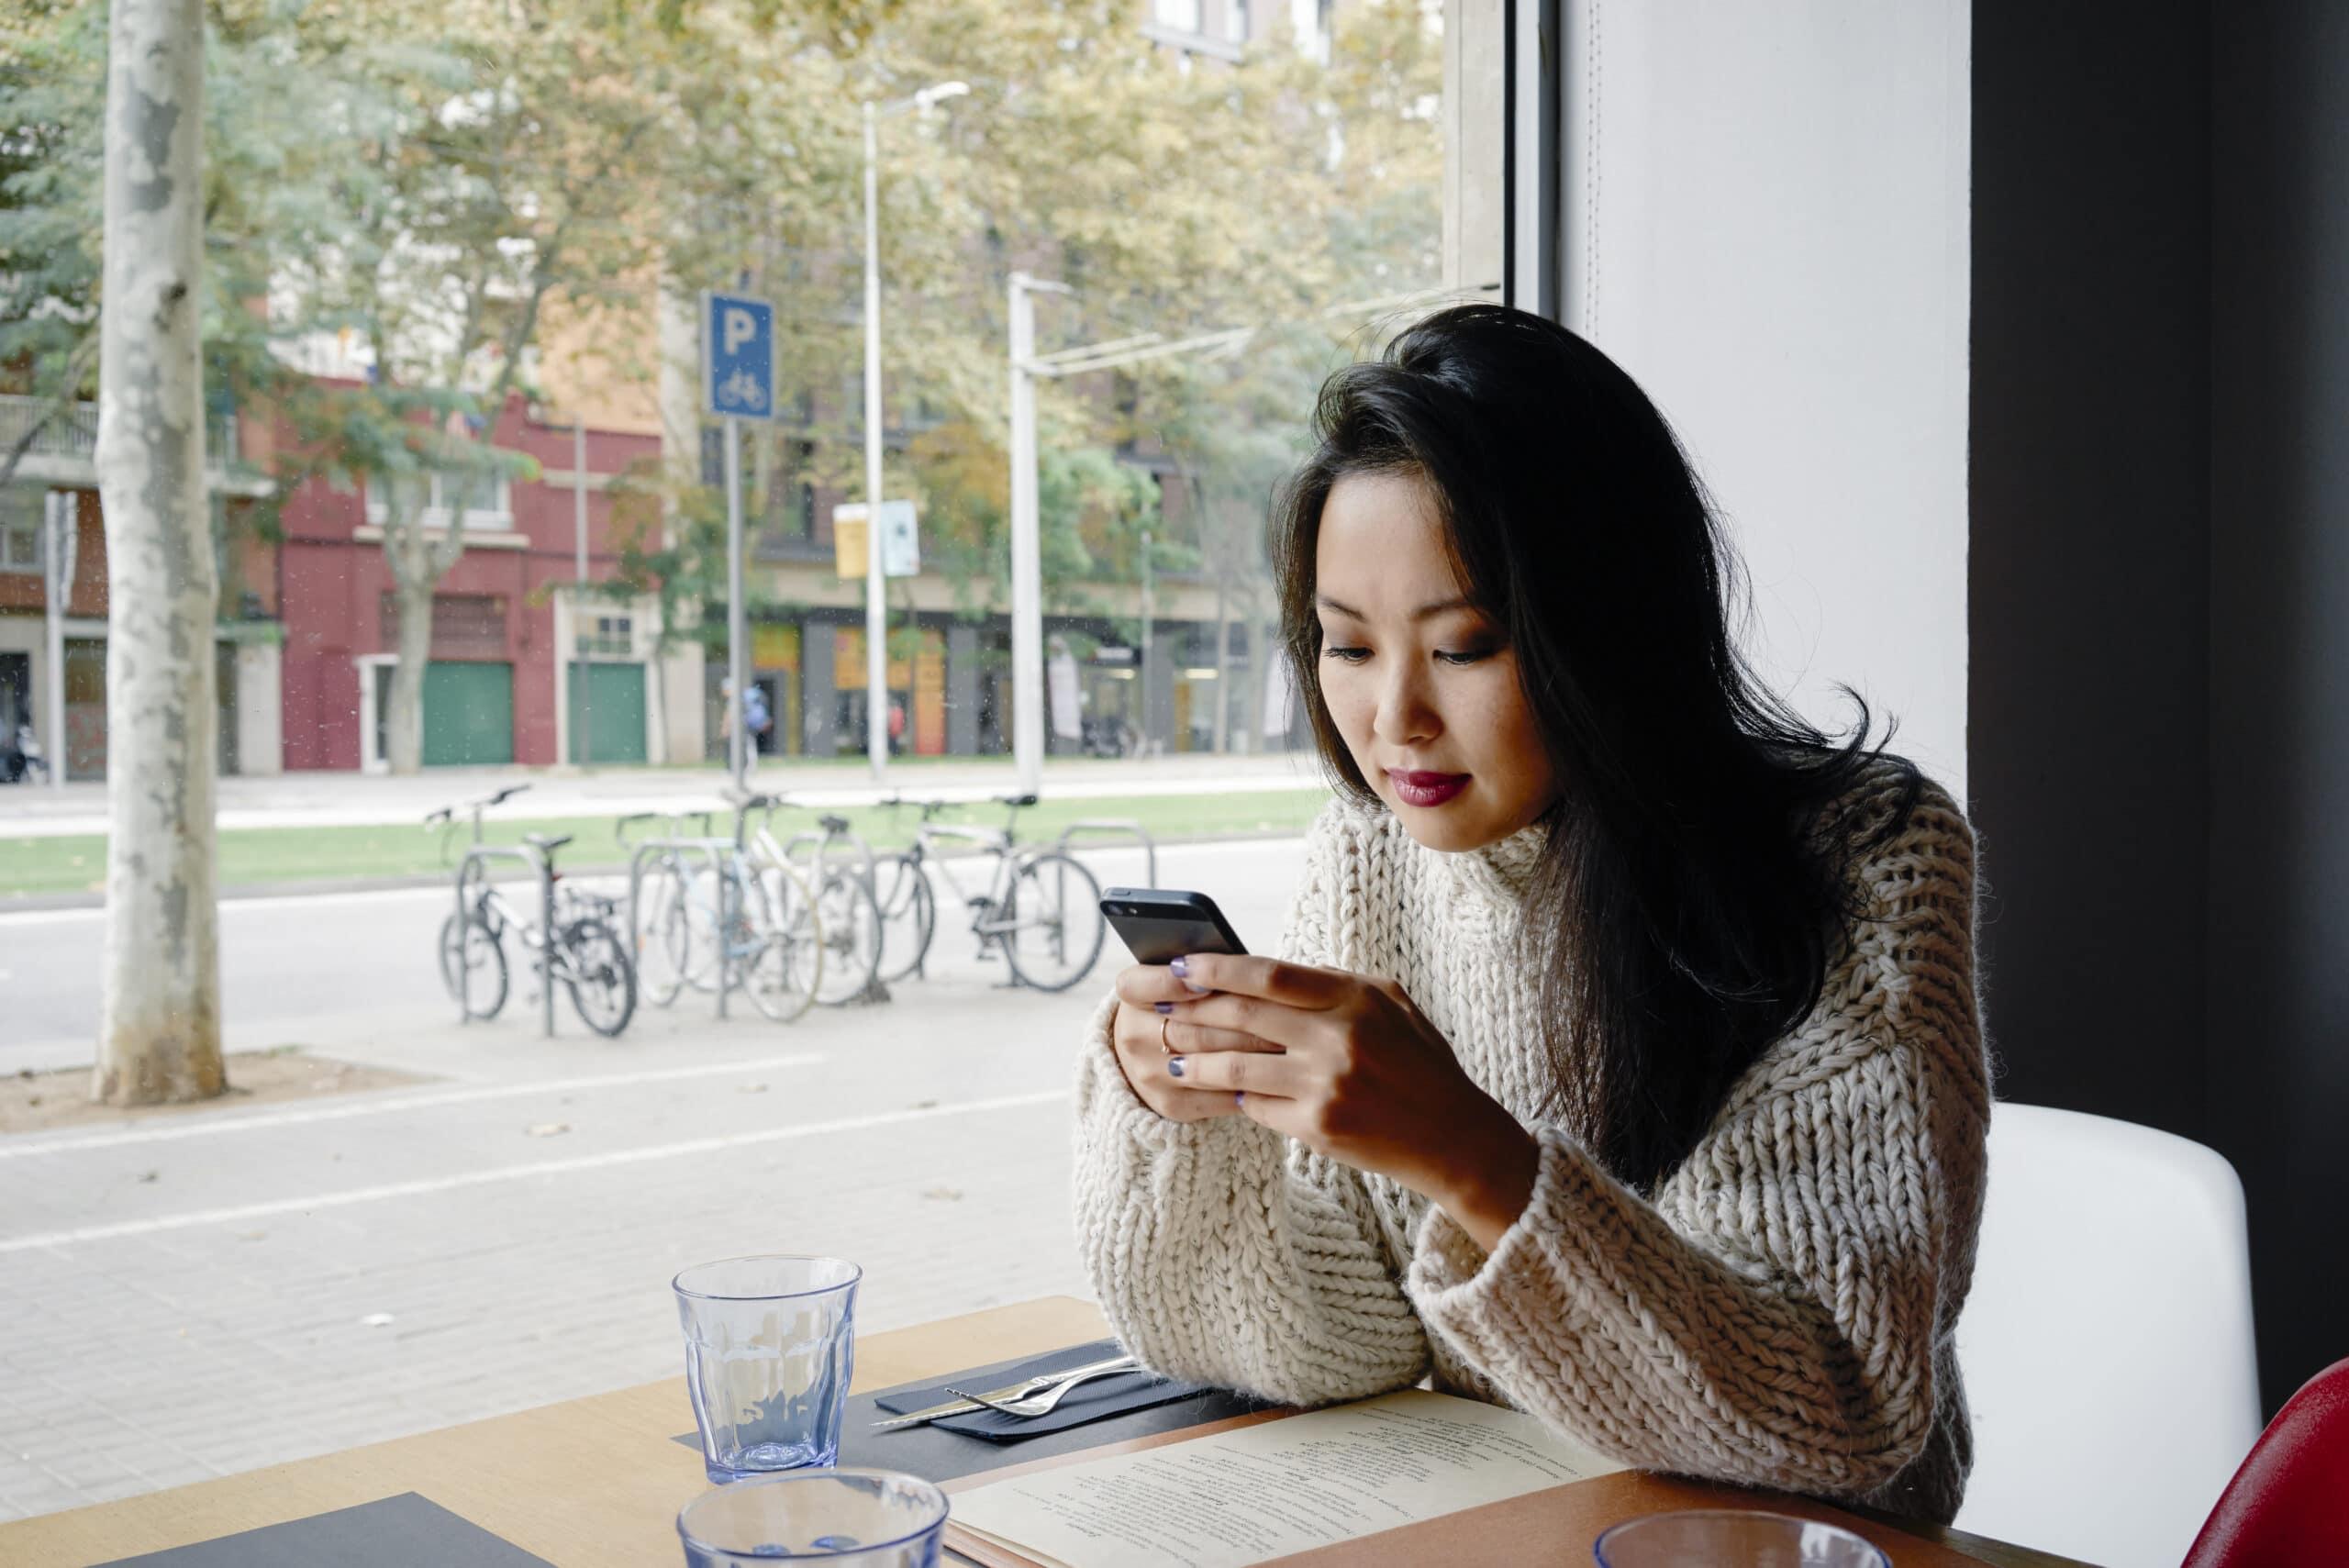 Mulher asiática mexendo em iPhone numa cafeteria